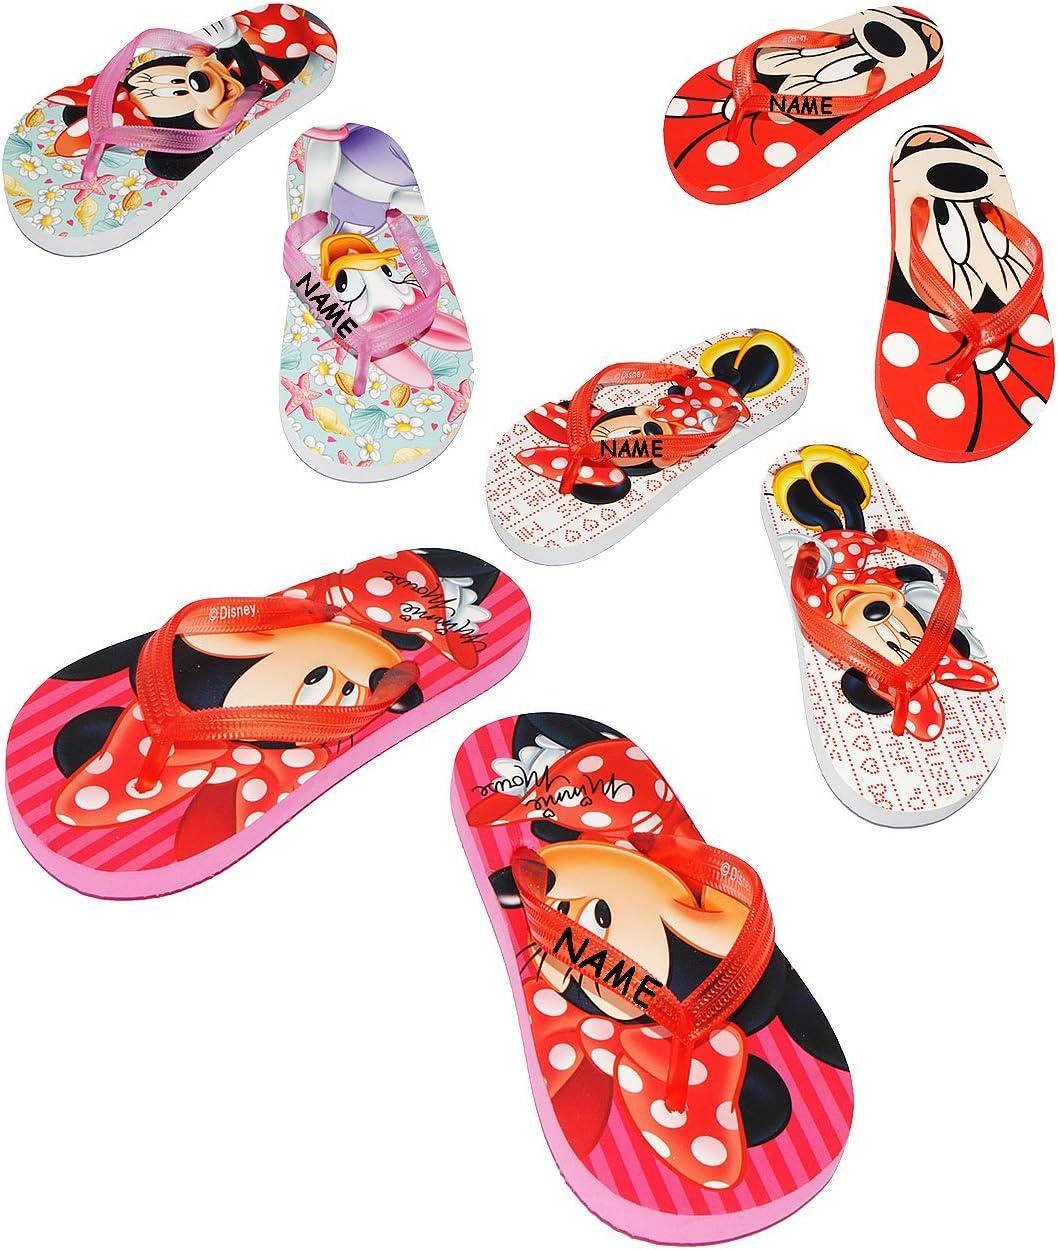 rutschfeste Schuhe Schuh // Badeschuhe mit Profilsohle Gr f/ür Kinder Disney Minnie Mouse Name 31 // 32 alles-meine.de GmbH Zehentrenner Sandalen incl M/ädchen // Hau..